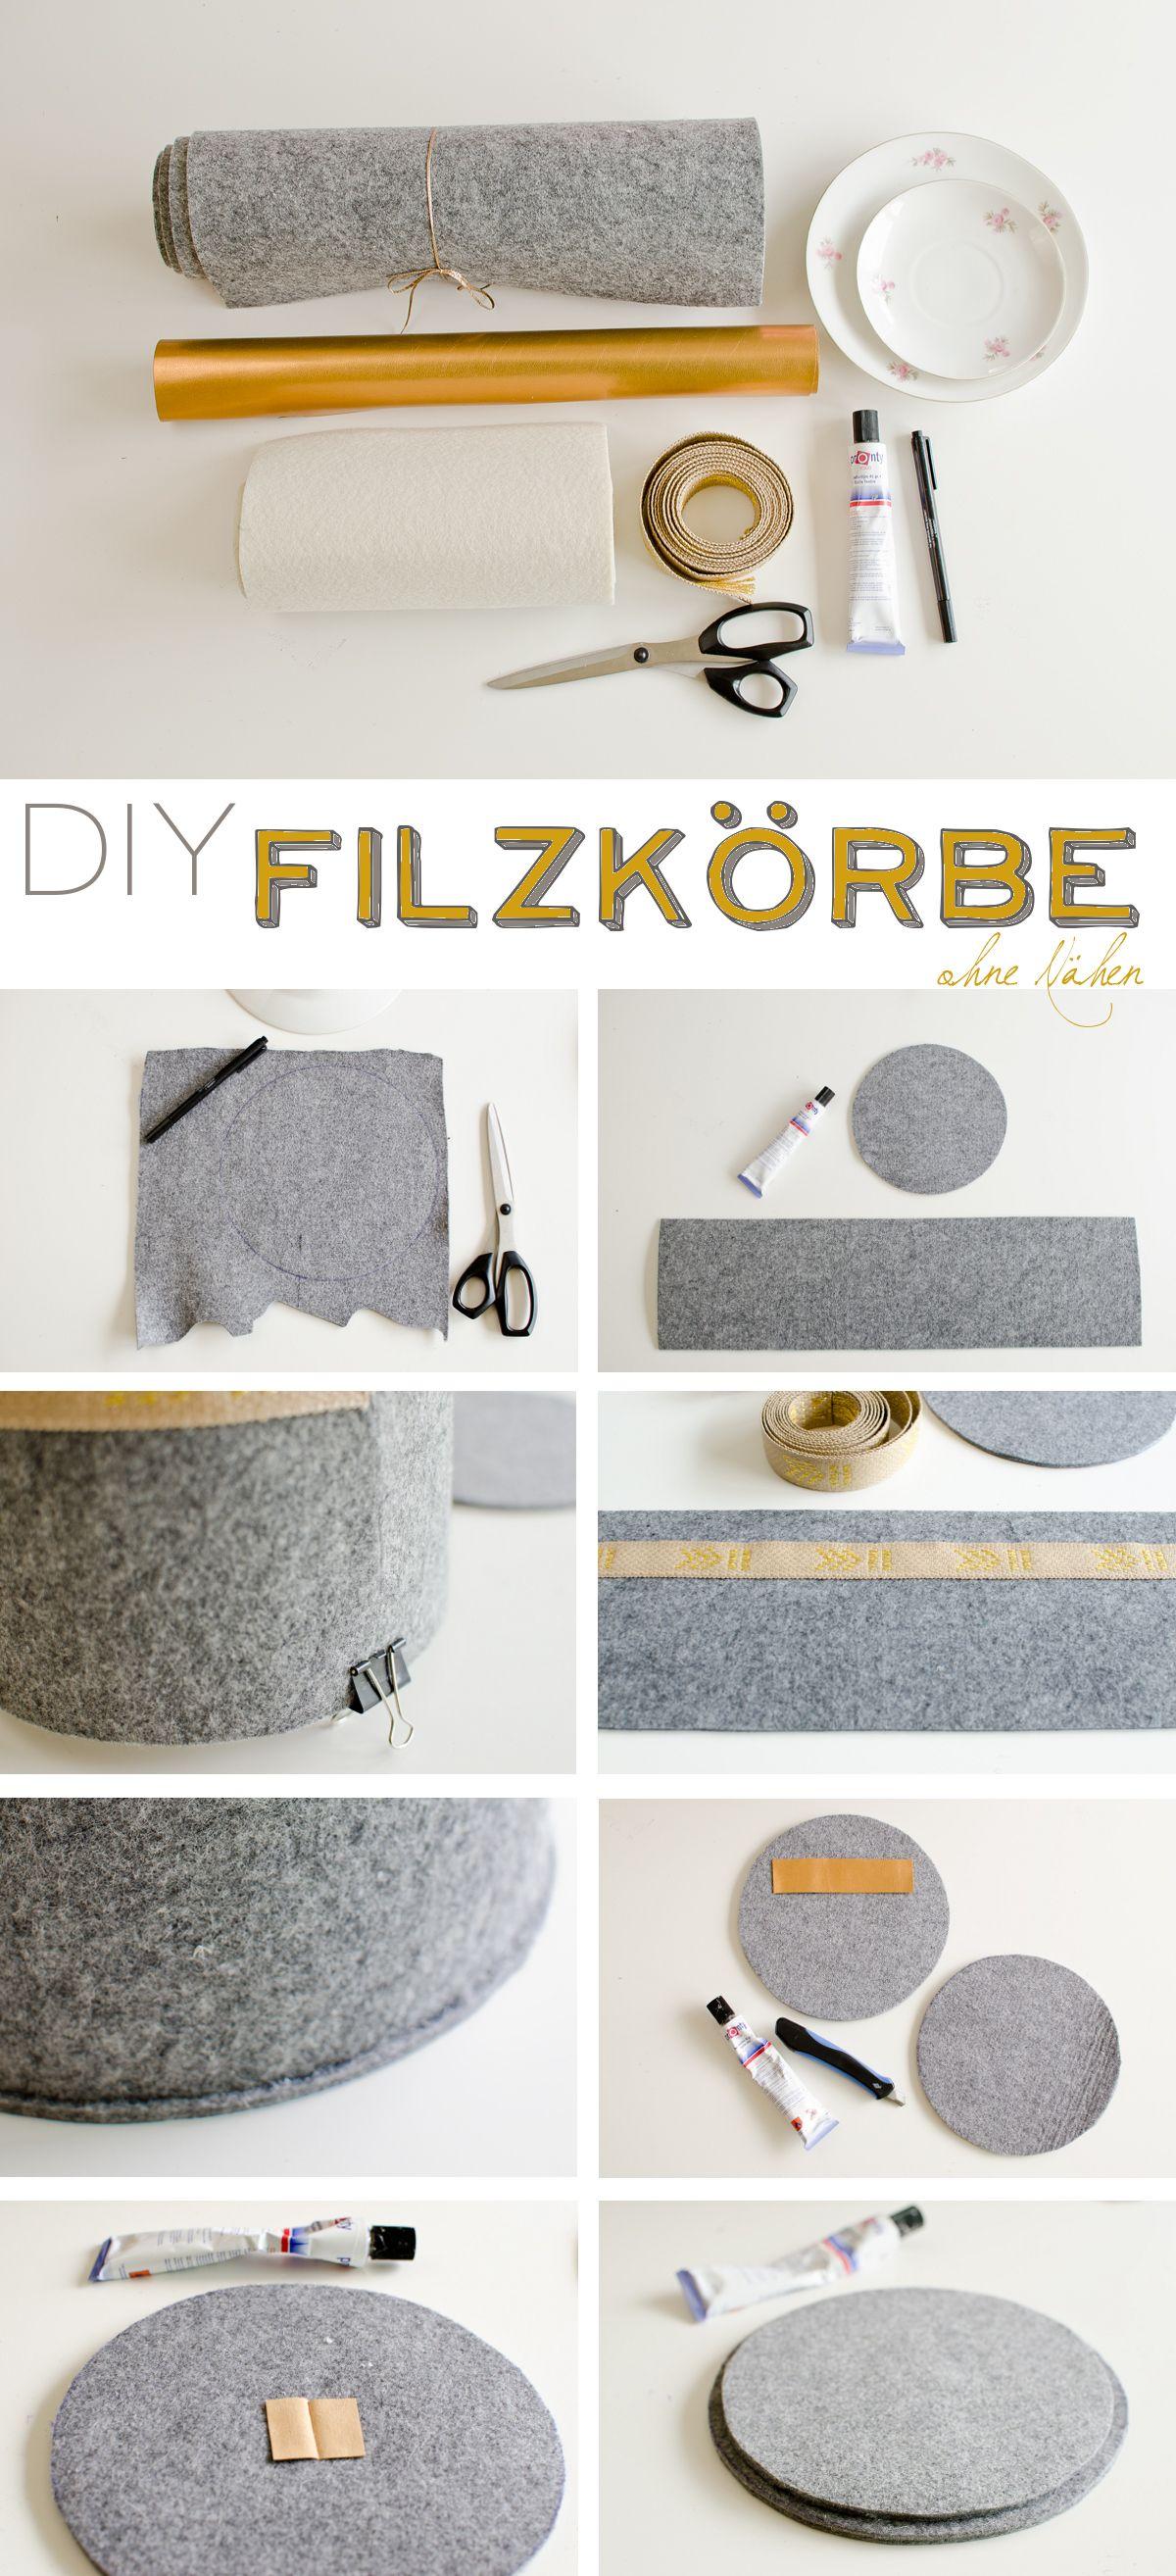 diy - Filzkörbe mit Deckel (ohne Nähen | Deckel, Herbst und Anleitungen